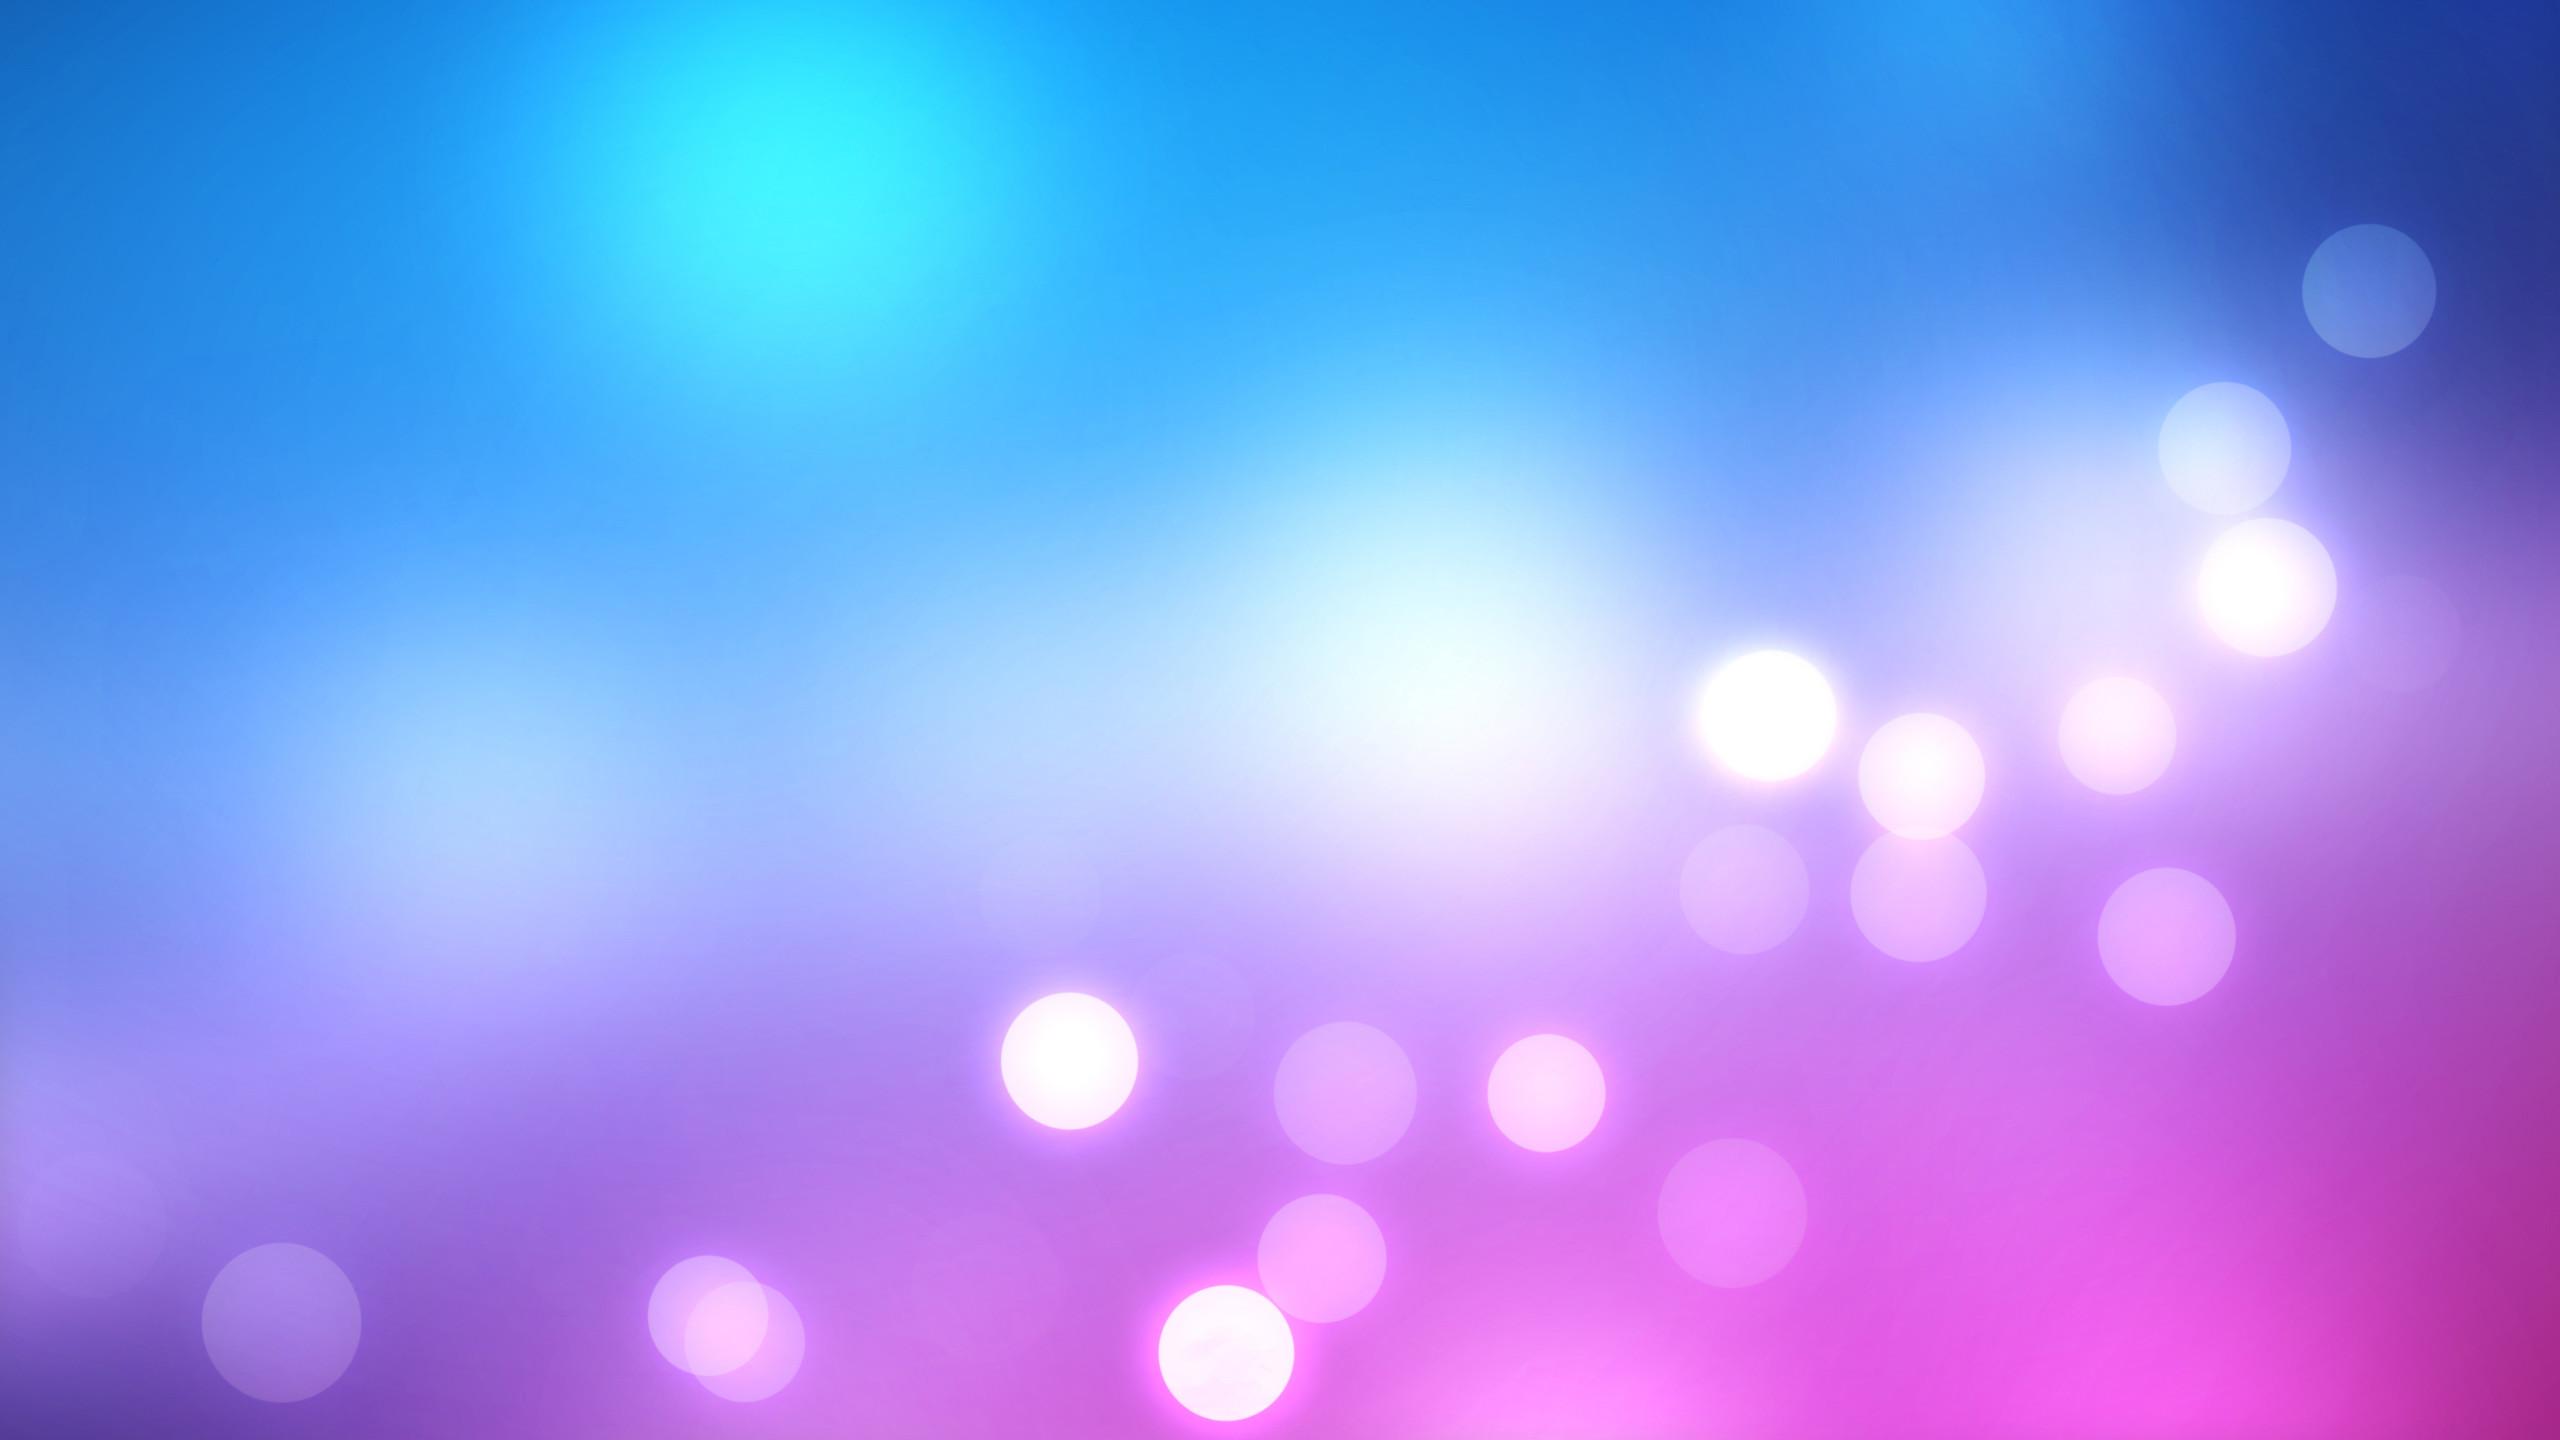 purple, wallpapers, blue, lights, bokeh, wallpaper, desktop